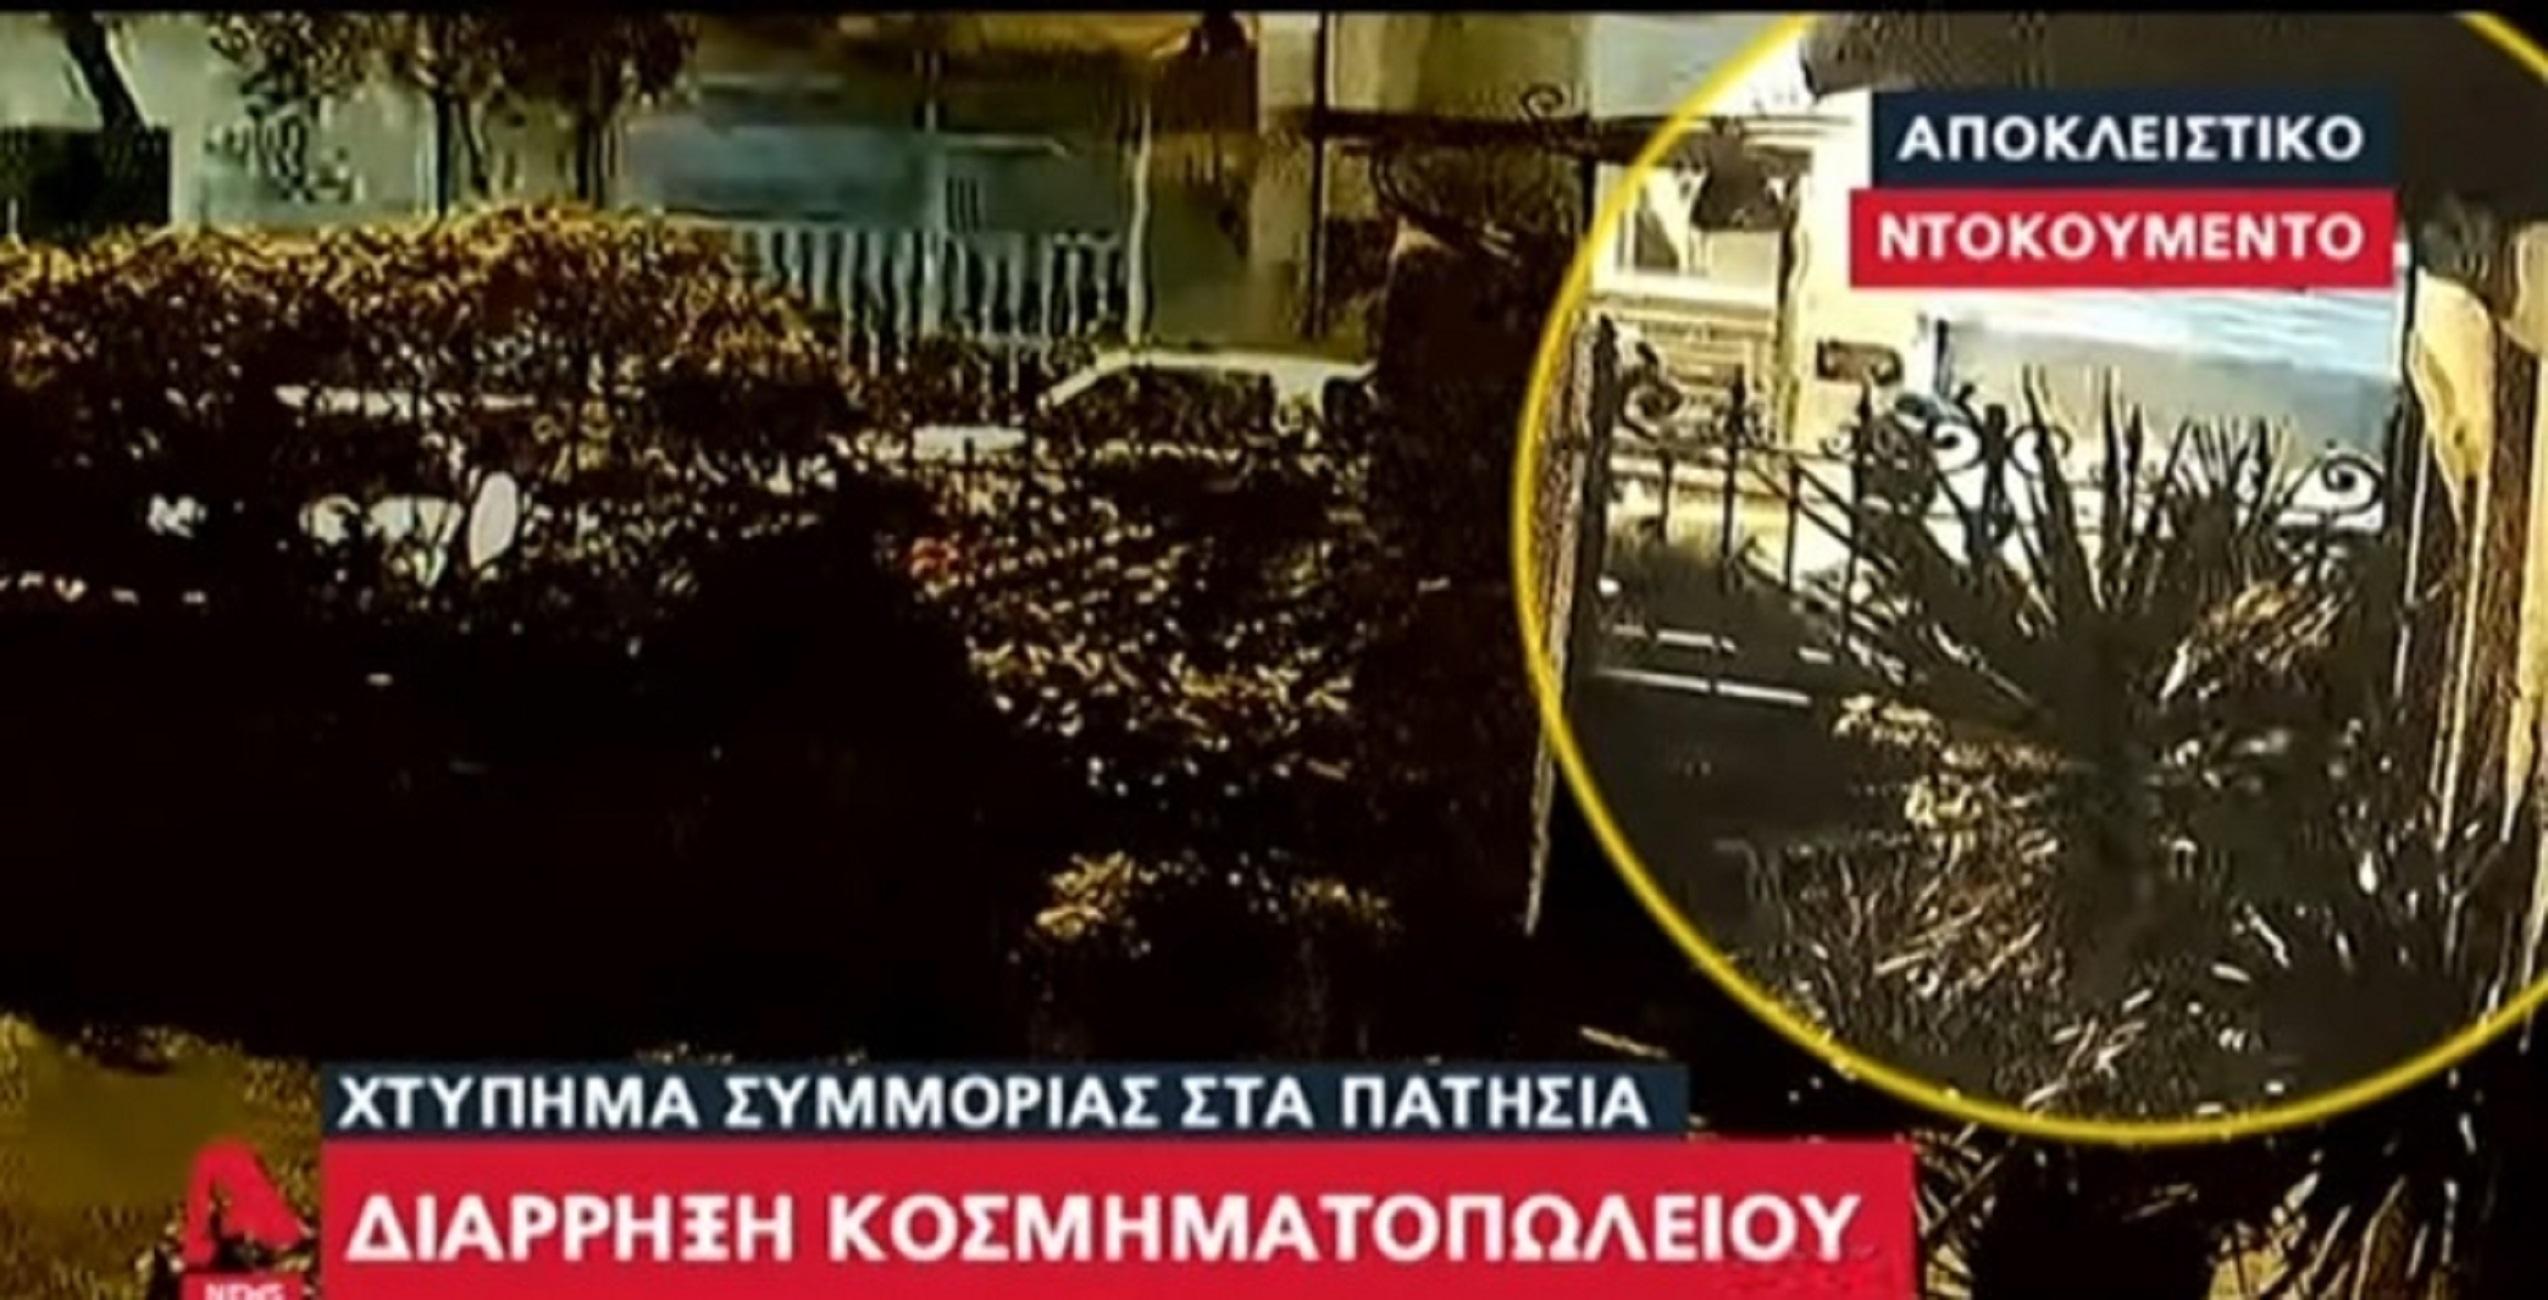 Βίντεο ντοκουμέντο από τη διάρρηξη σε κοσμηματοπωλείο στα Πατήσια - Η μαρτυρία του ιδιοκτήτη στο Newsit.gr